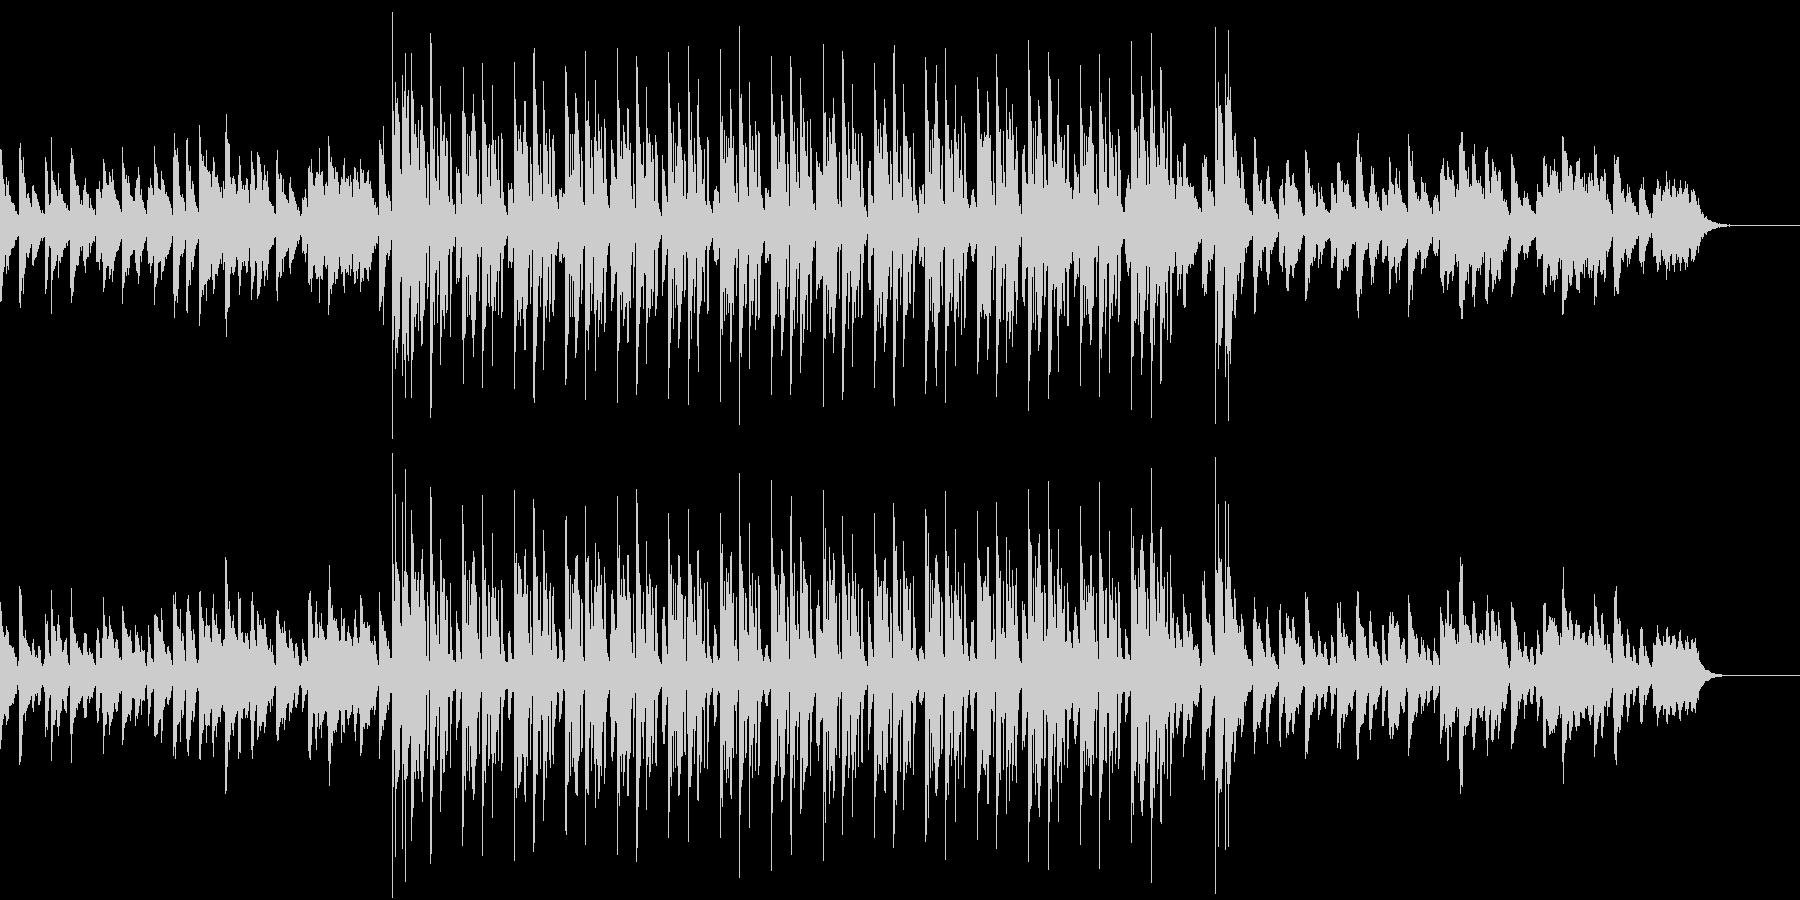 静かな音色の中にも訴えかける旋律のR&Bの未再生の波形